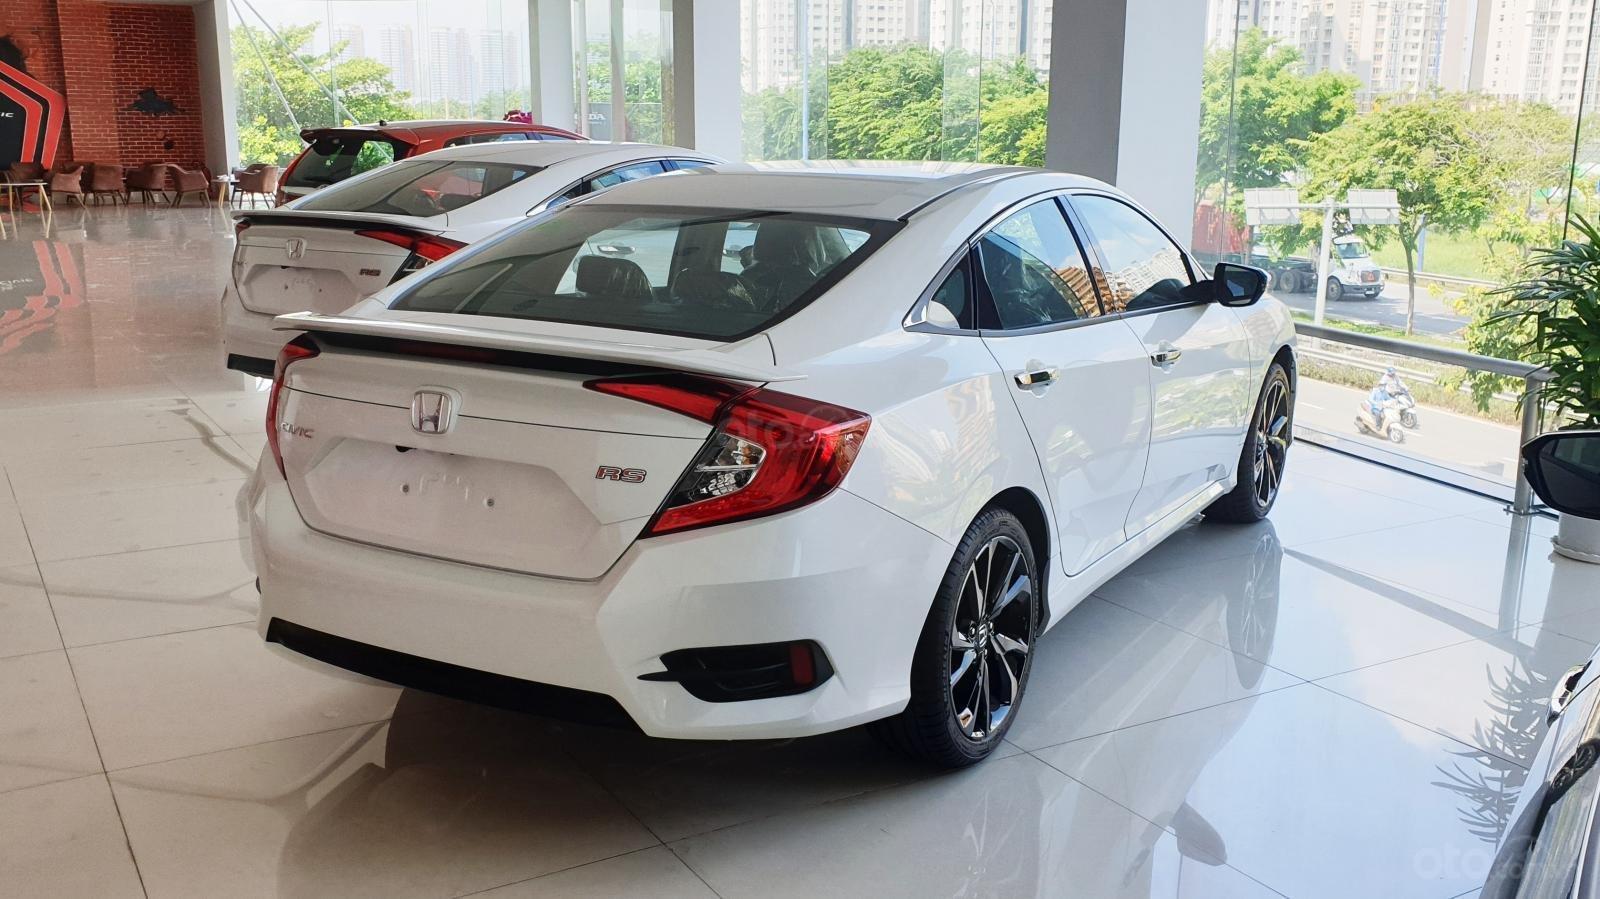 [SG] Honda Civic 2019 thể thao, cá tính, xe giao liền, SĐT 0901.898.383 - Hỗ trợ tốt nhất Sài Gòn - Giá tốt-4